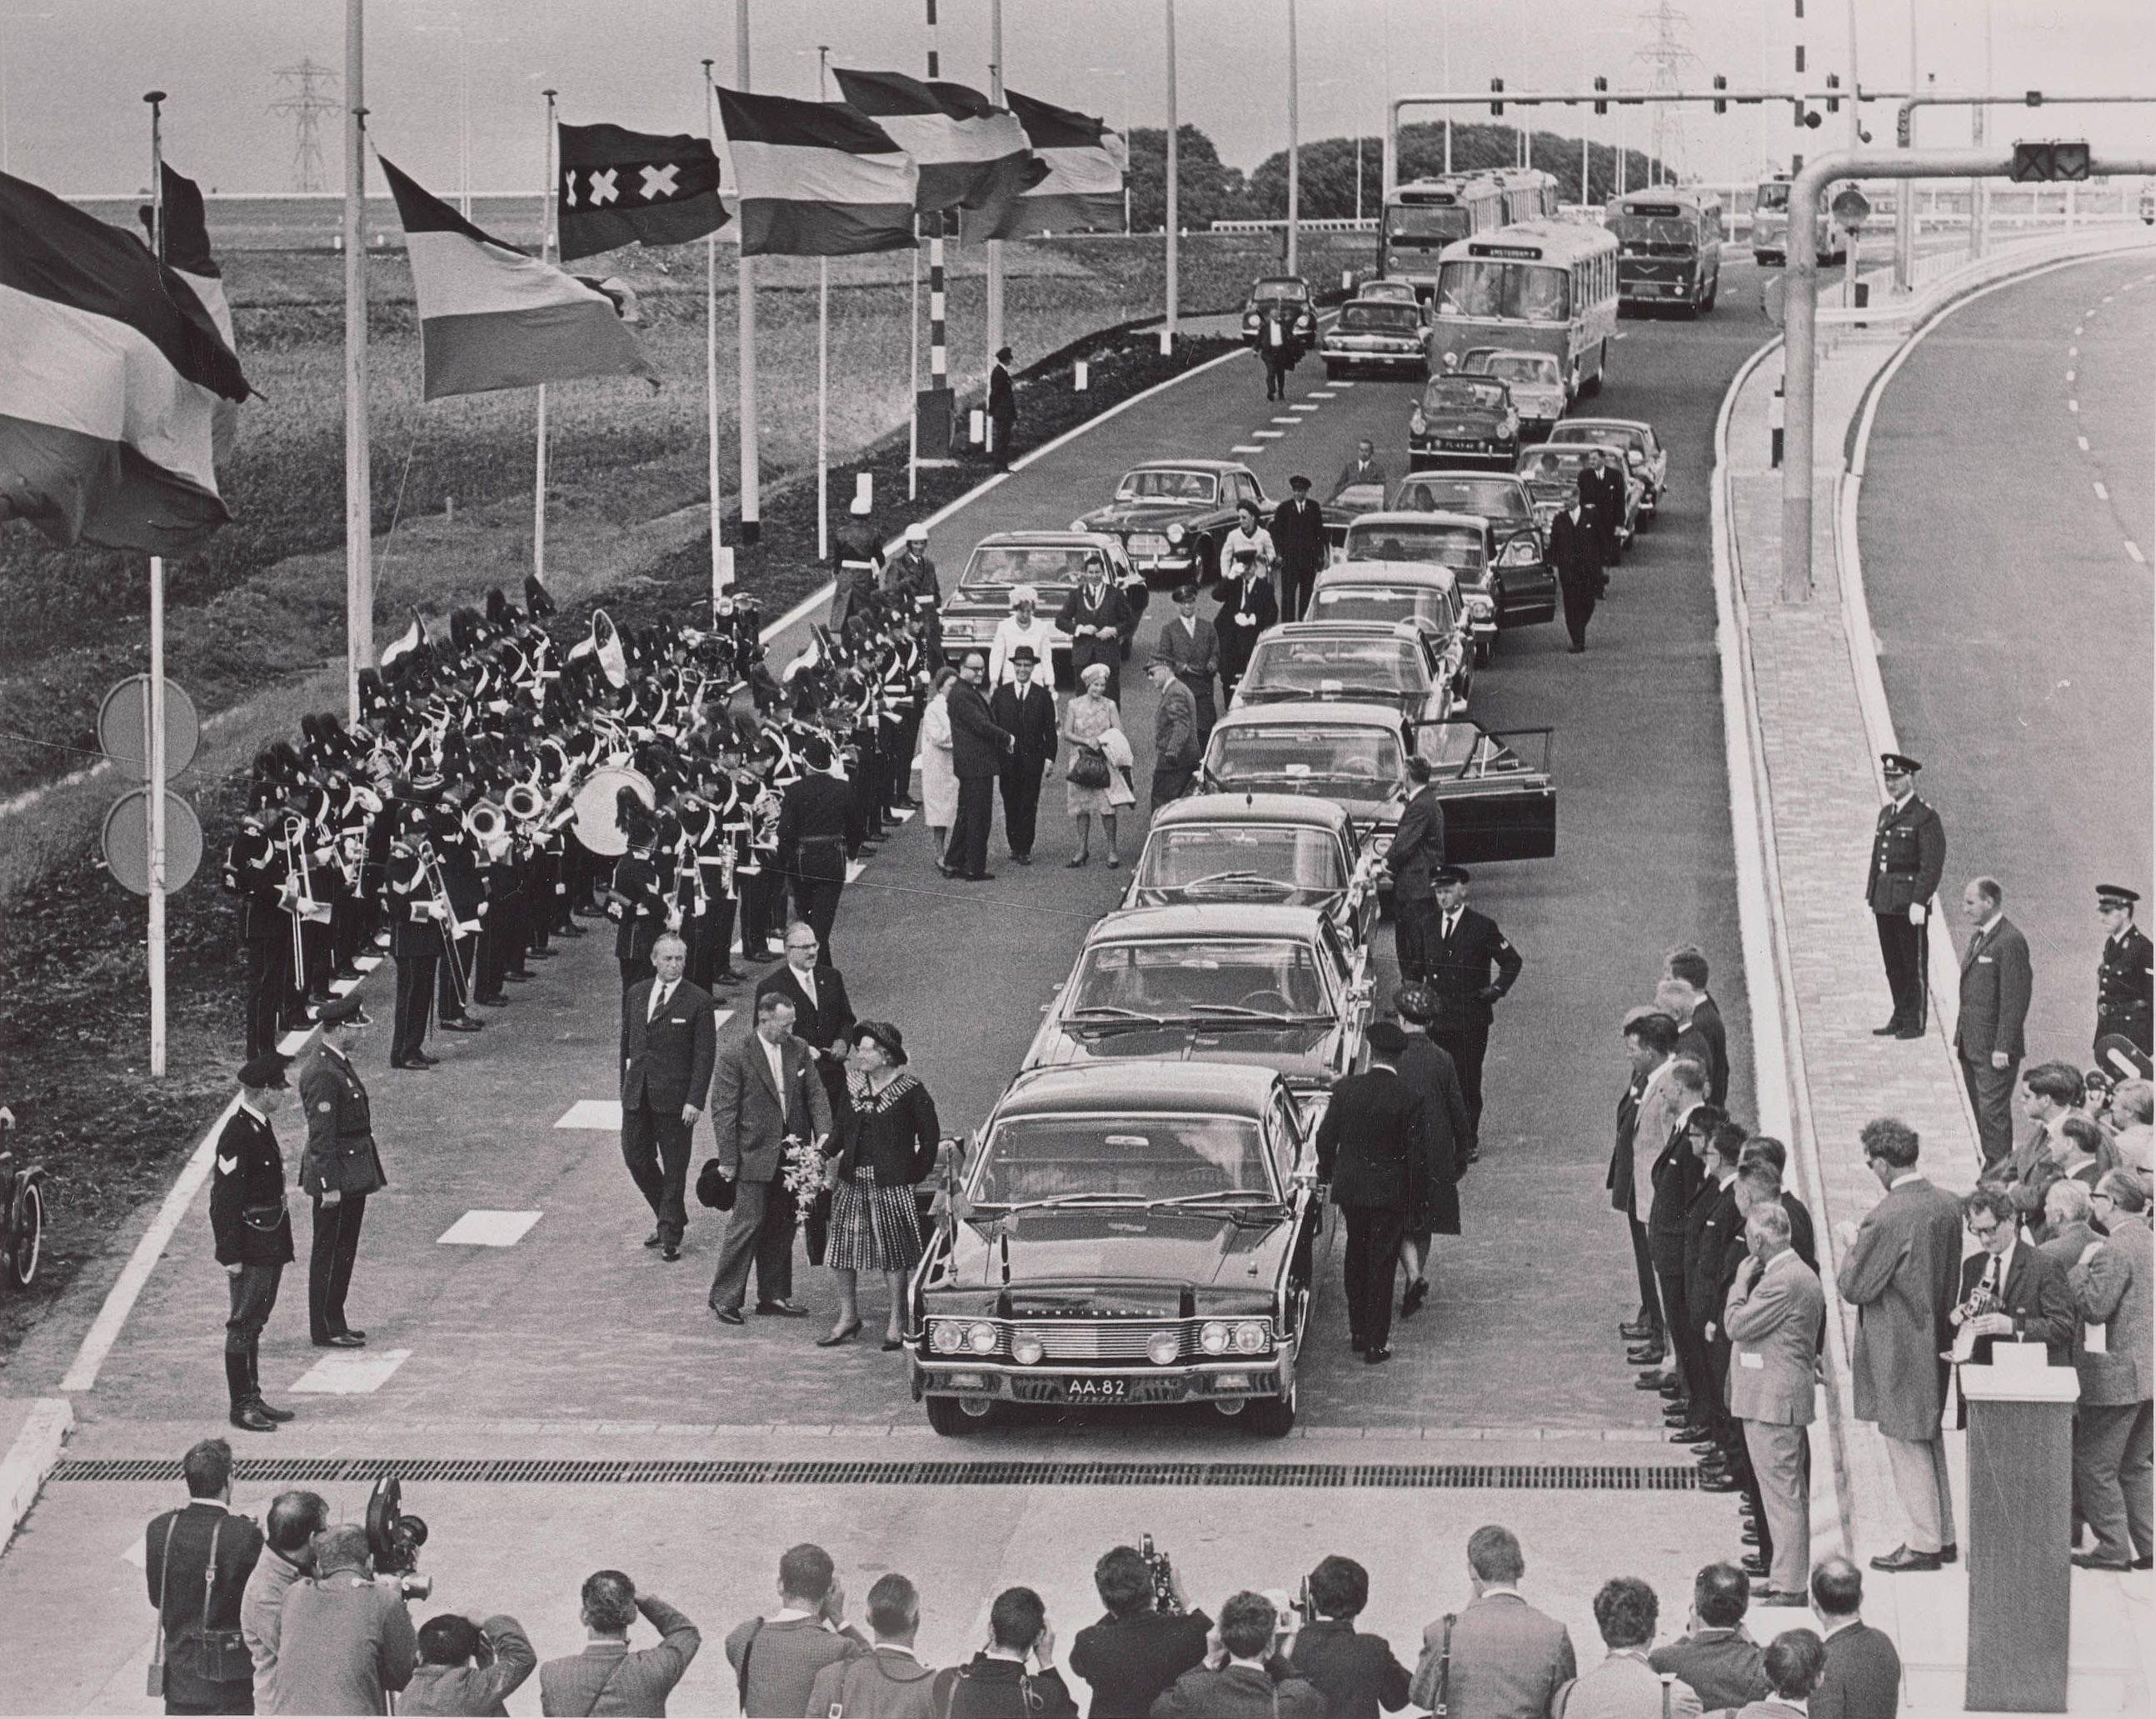 de-eerste-officieuze-file-voor-de-coentunnel-genodigden-bij-de-opening-in-1966-2205539-1